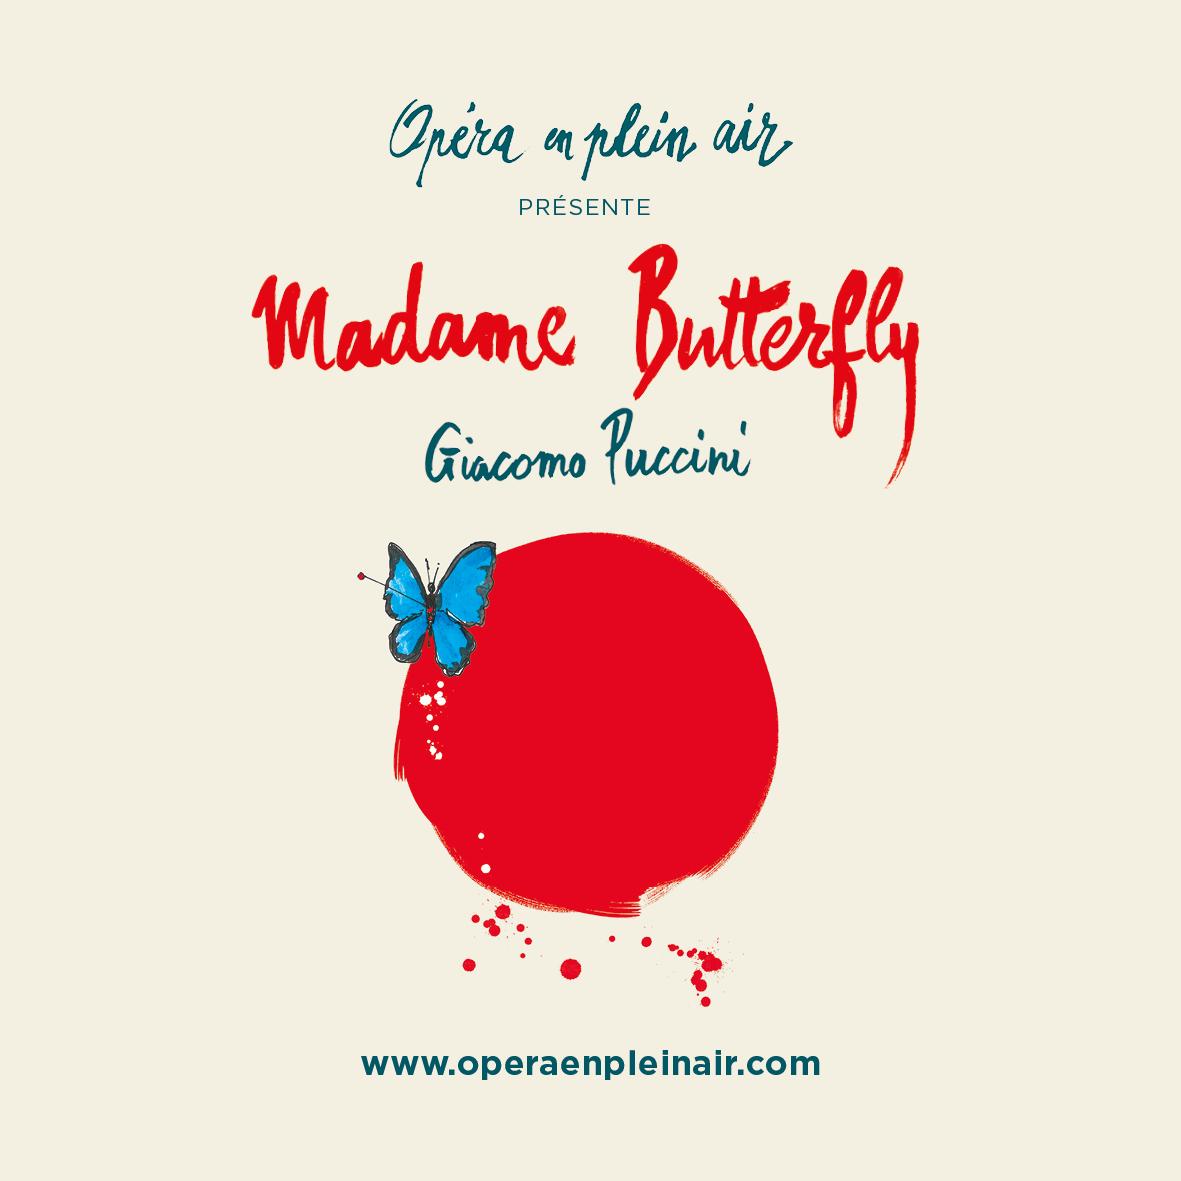 MADAME BUTTERFLY - FESTIVAL Opéra en plein air (SCEAUX) DOMAINE DEPARTEMENTAL DE SCEAUX SCEAUX